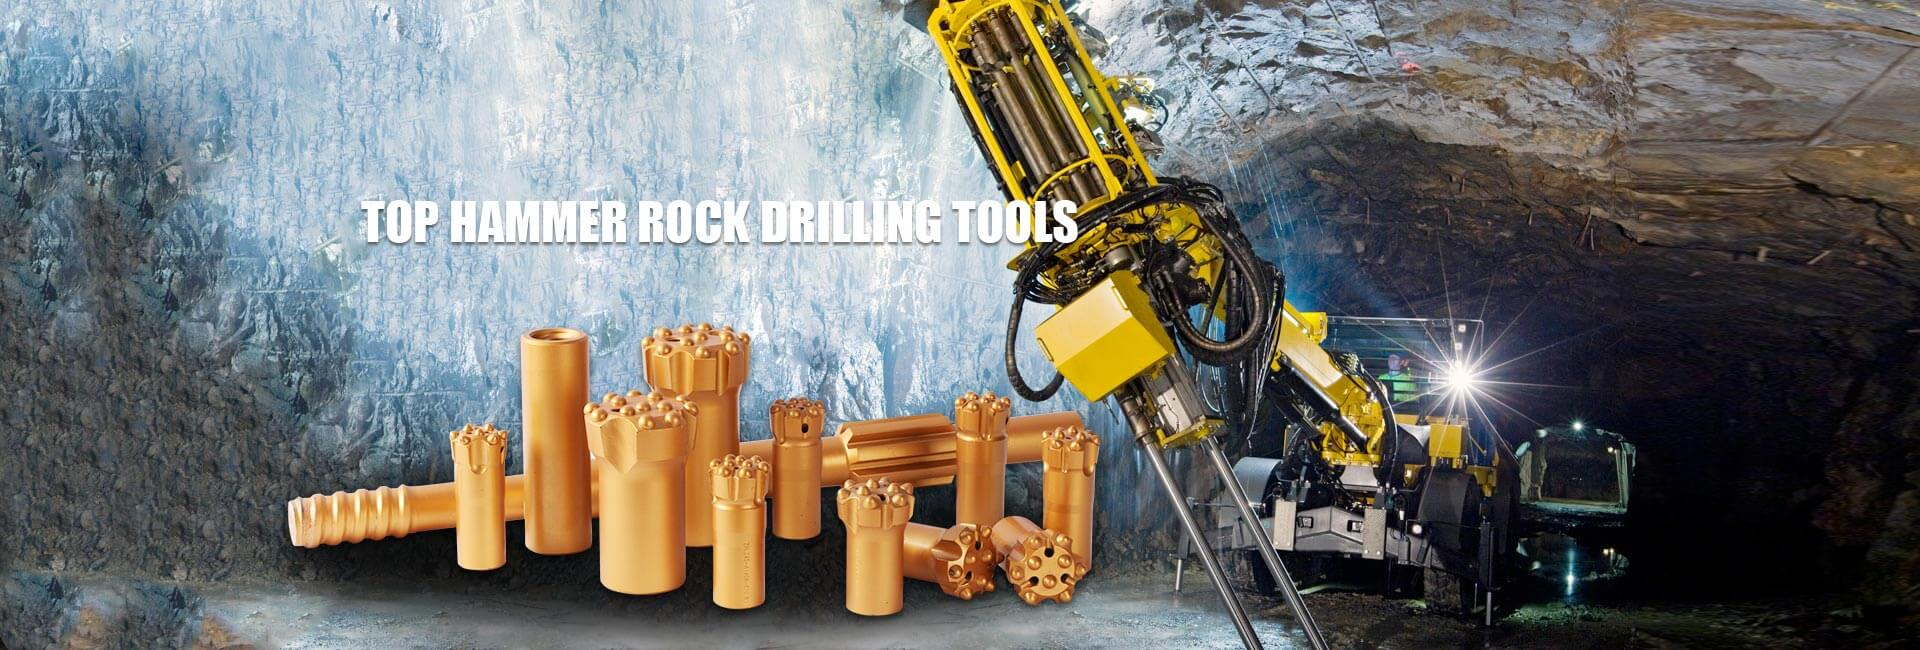 Top Hammer Rock Drilling Tools